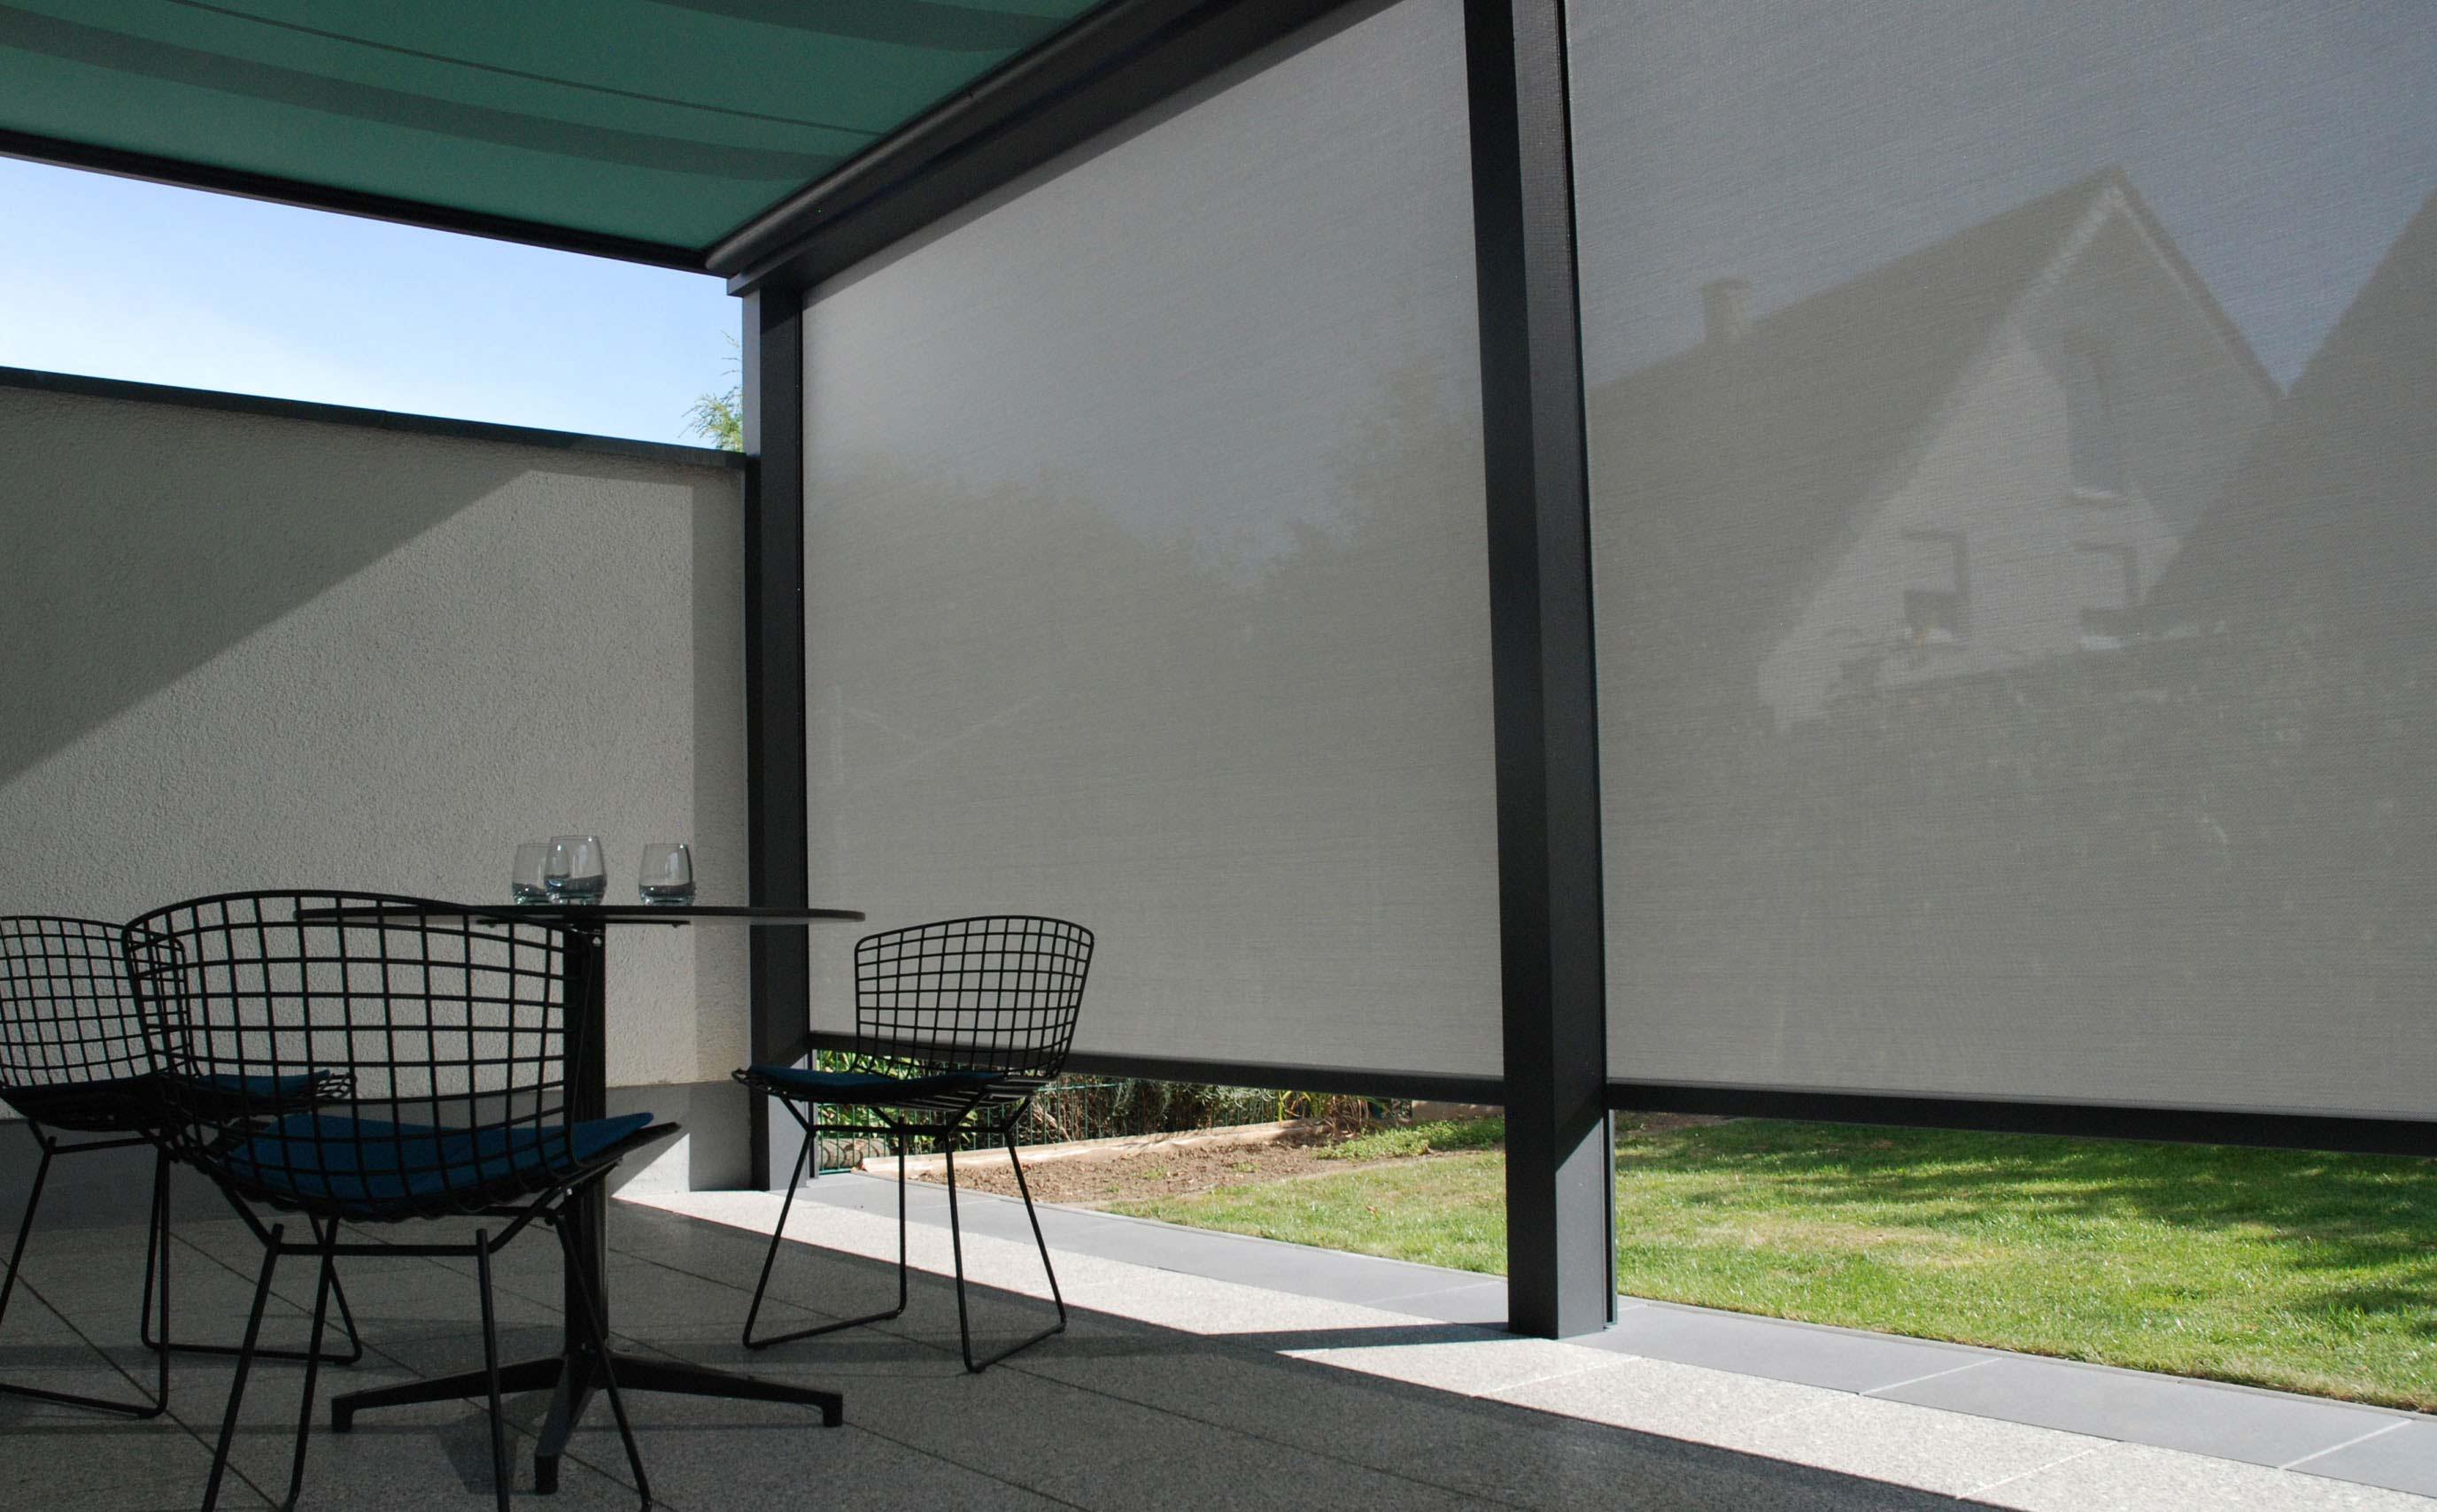 Senkrechter Sonnenschutz Fur Mehr Privatsphare Auf Der Terrasse